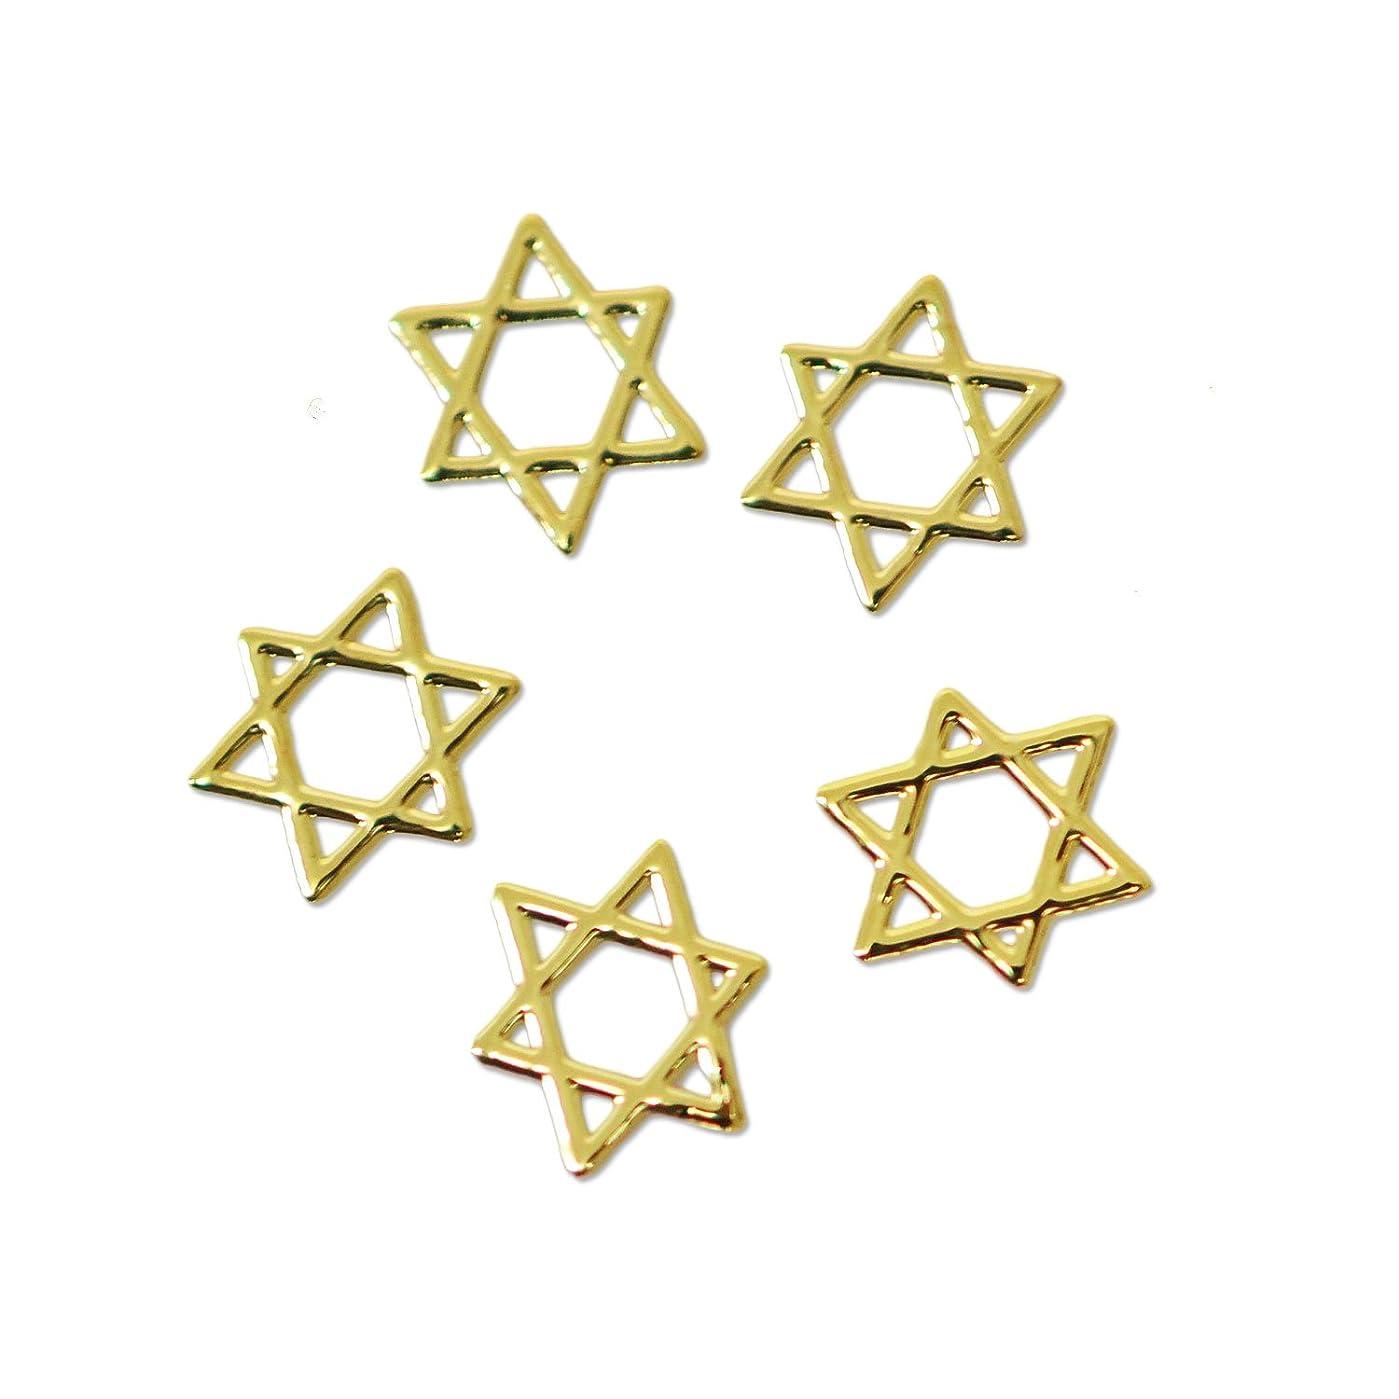 骨折バス翻訳する薄型メタルパーツ10030六芒星 ヘキサグラム ダビデの星 4mm×4mm(ゴールド)/20p入り 片面仕上げ